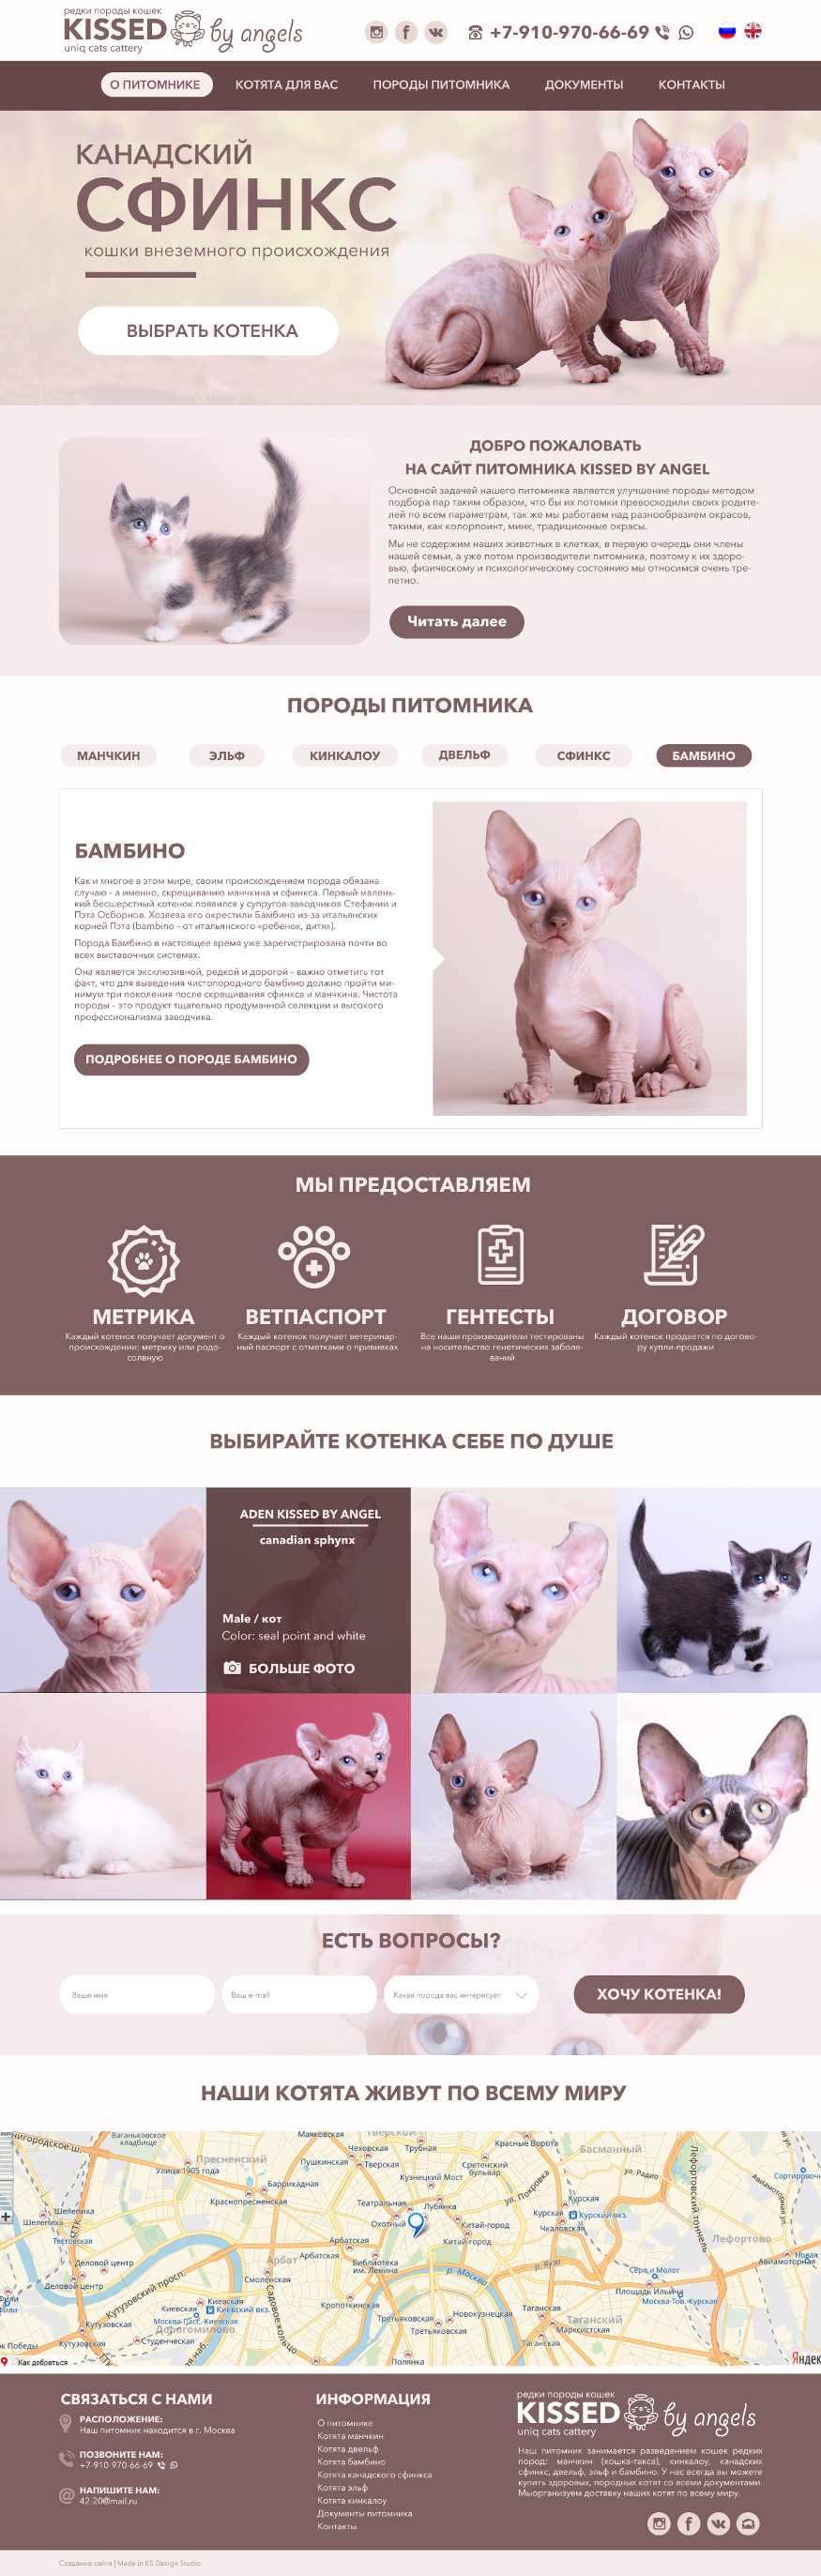 Дизайн сайта для питомника животных, макет сайта для животных, красивые сайты для питомников